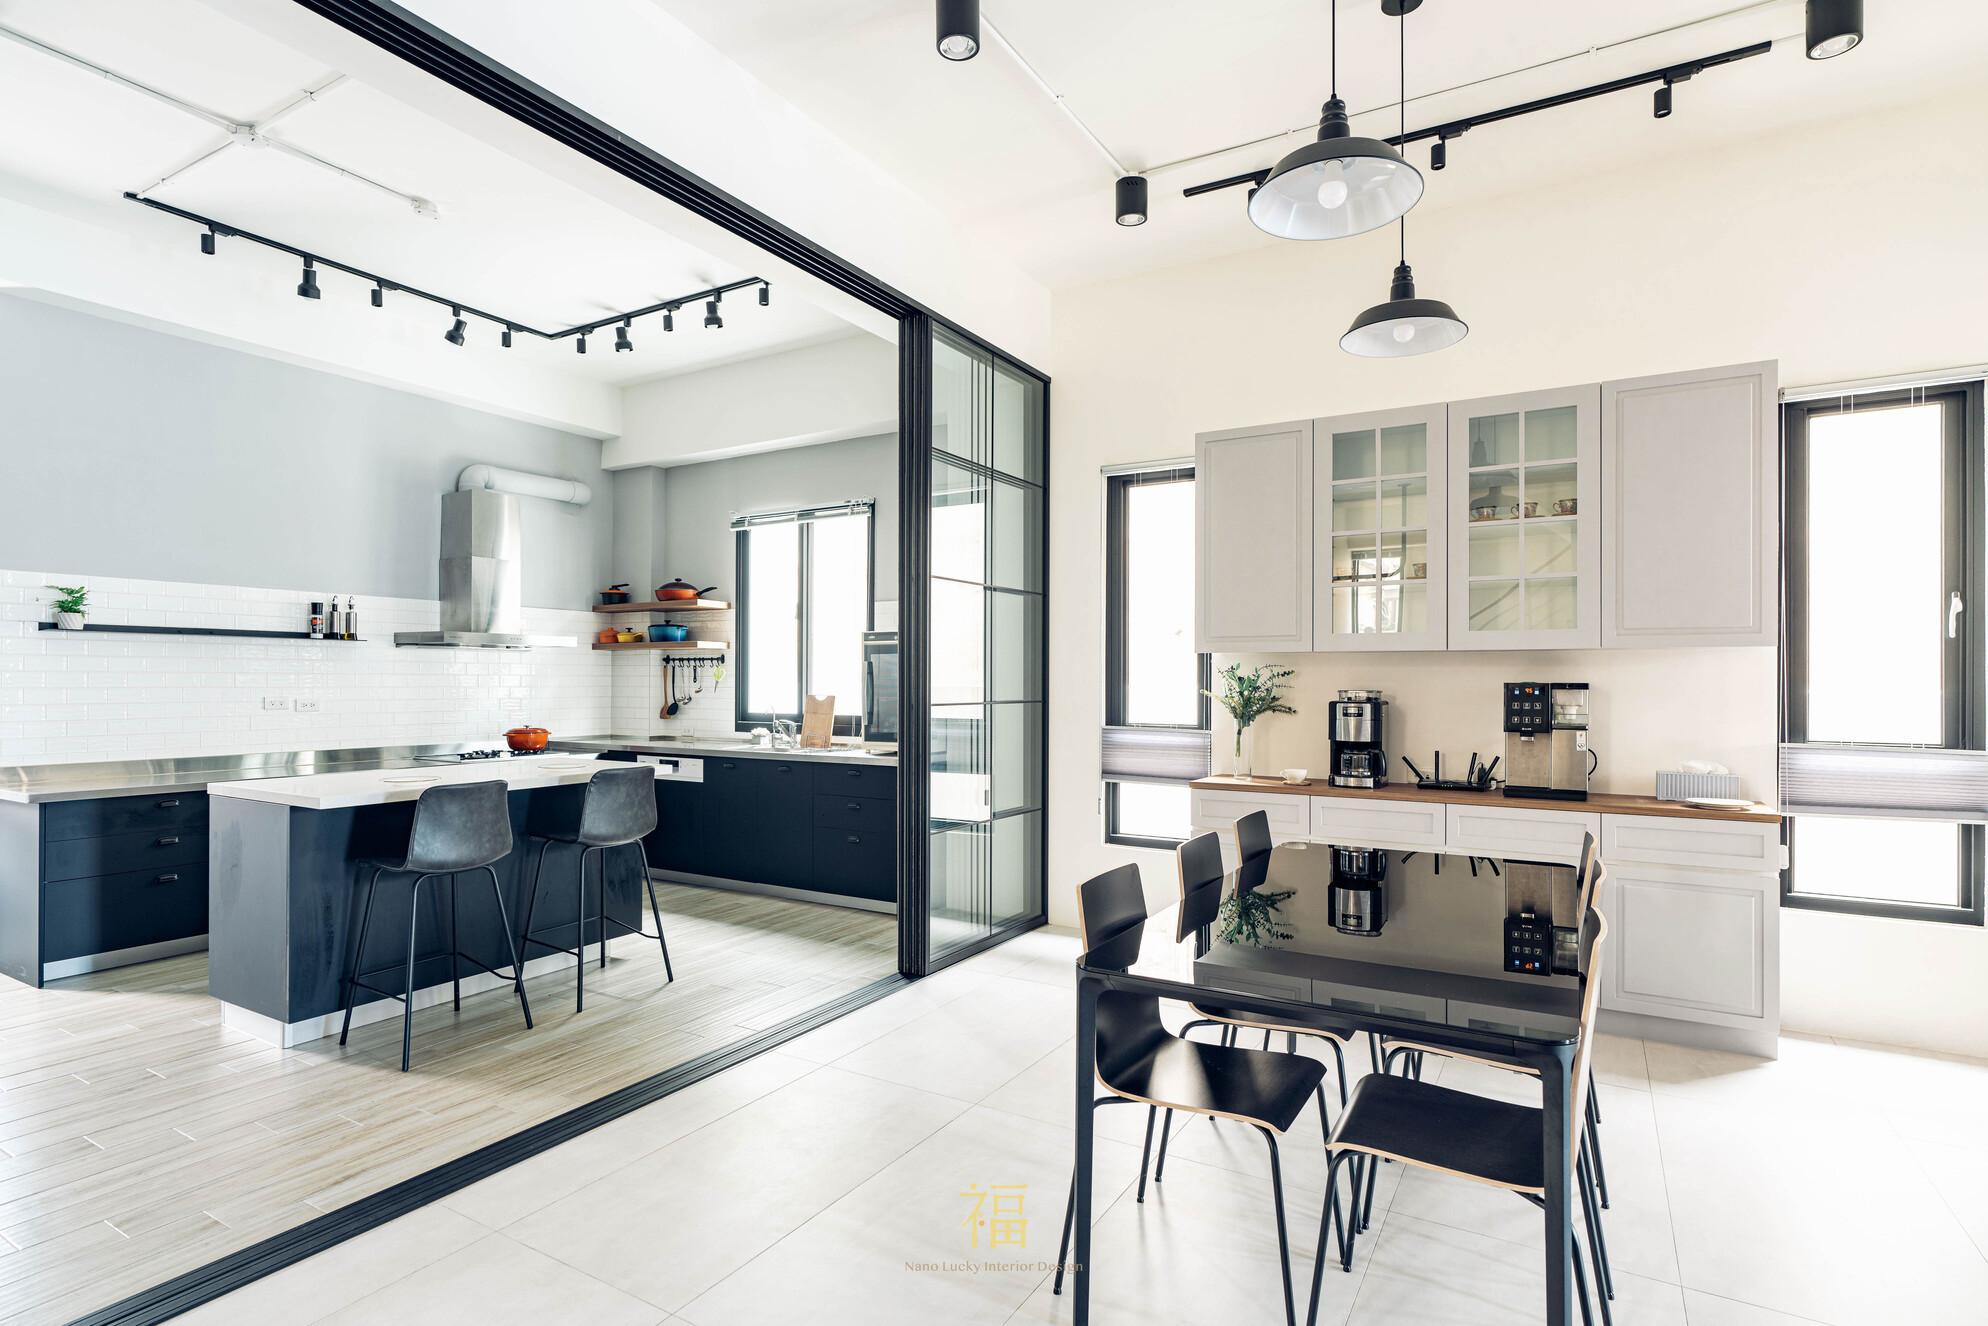 溪口盧宅|餐廳廚房動線規劃|嘉義住宅空間設計